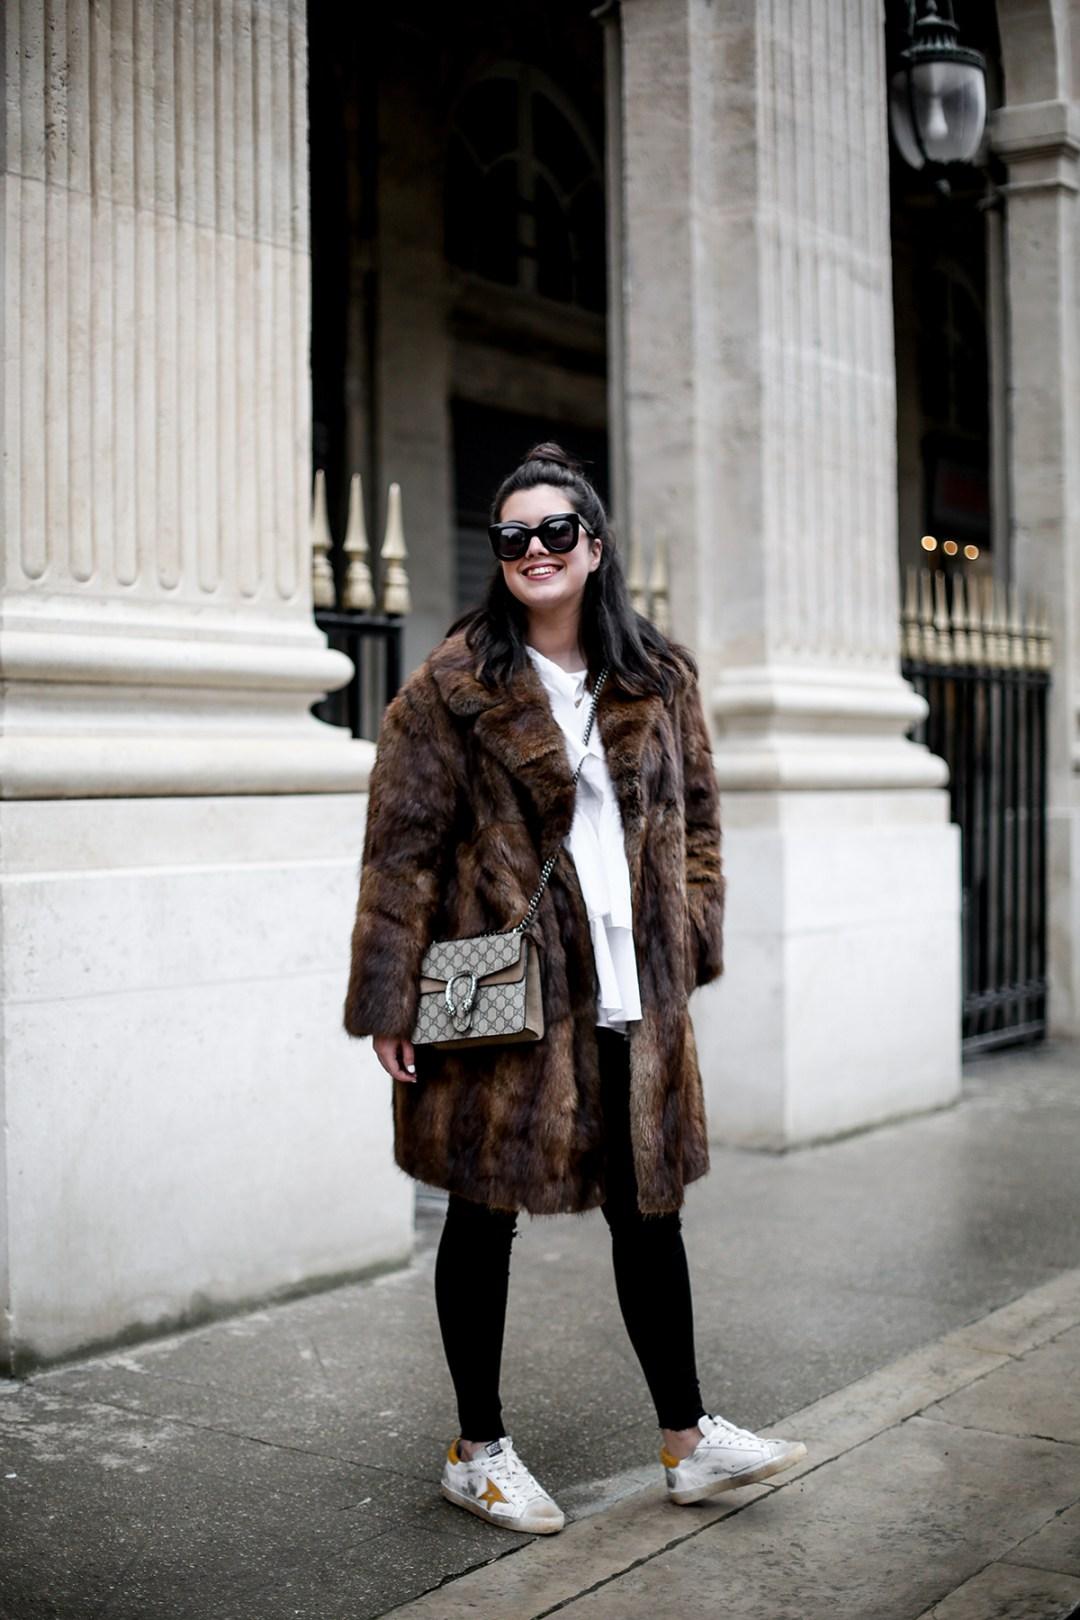 golden goose deluxe brand sneakers fur coat vintage streetstyle paris 2017-8